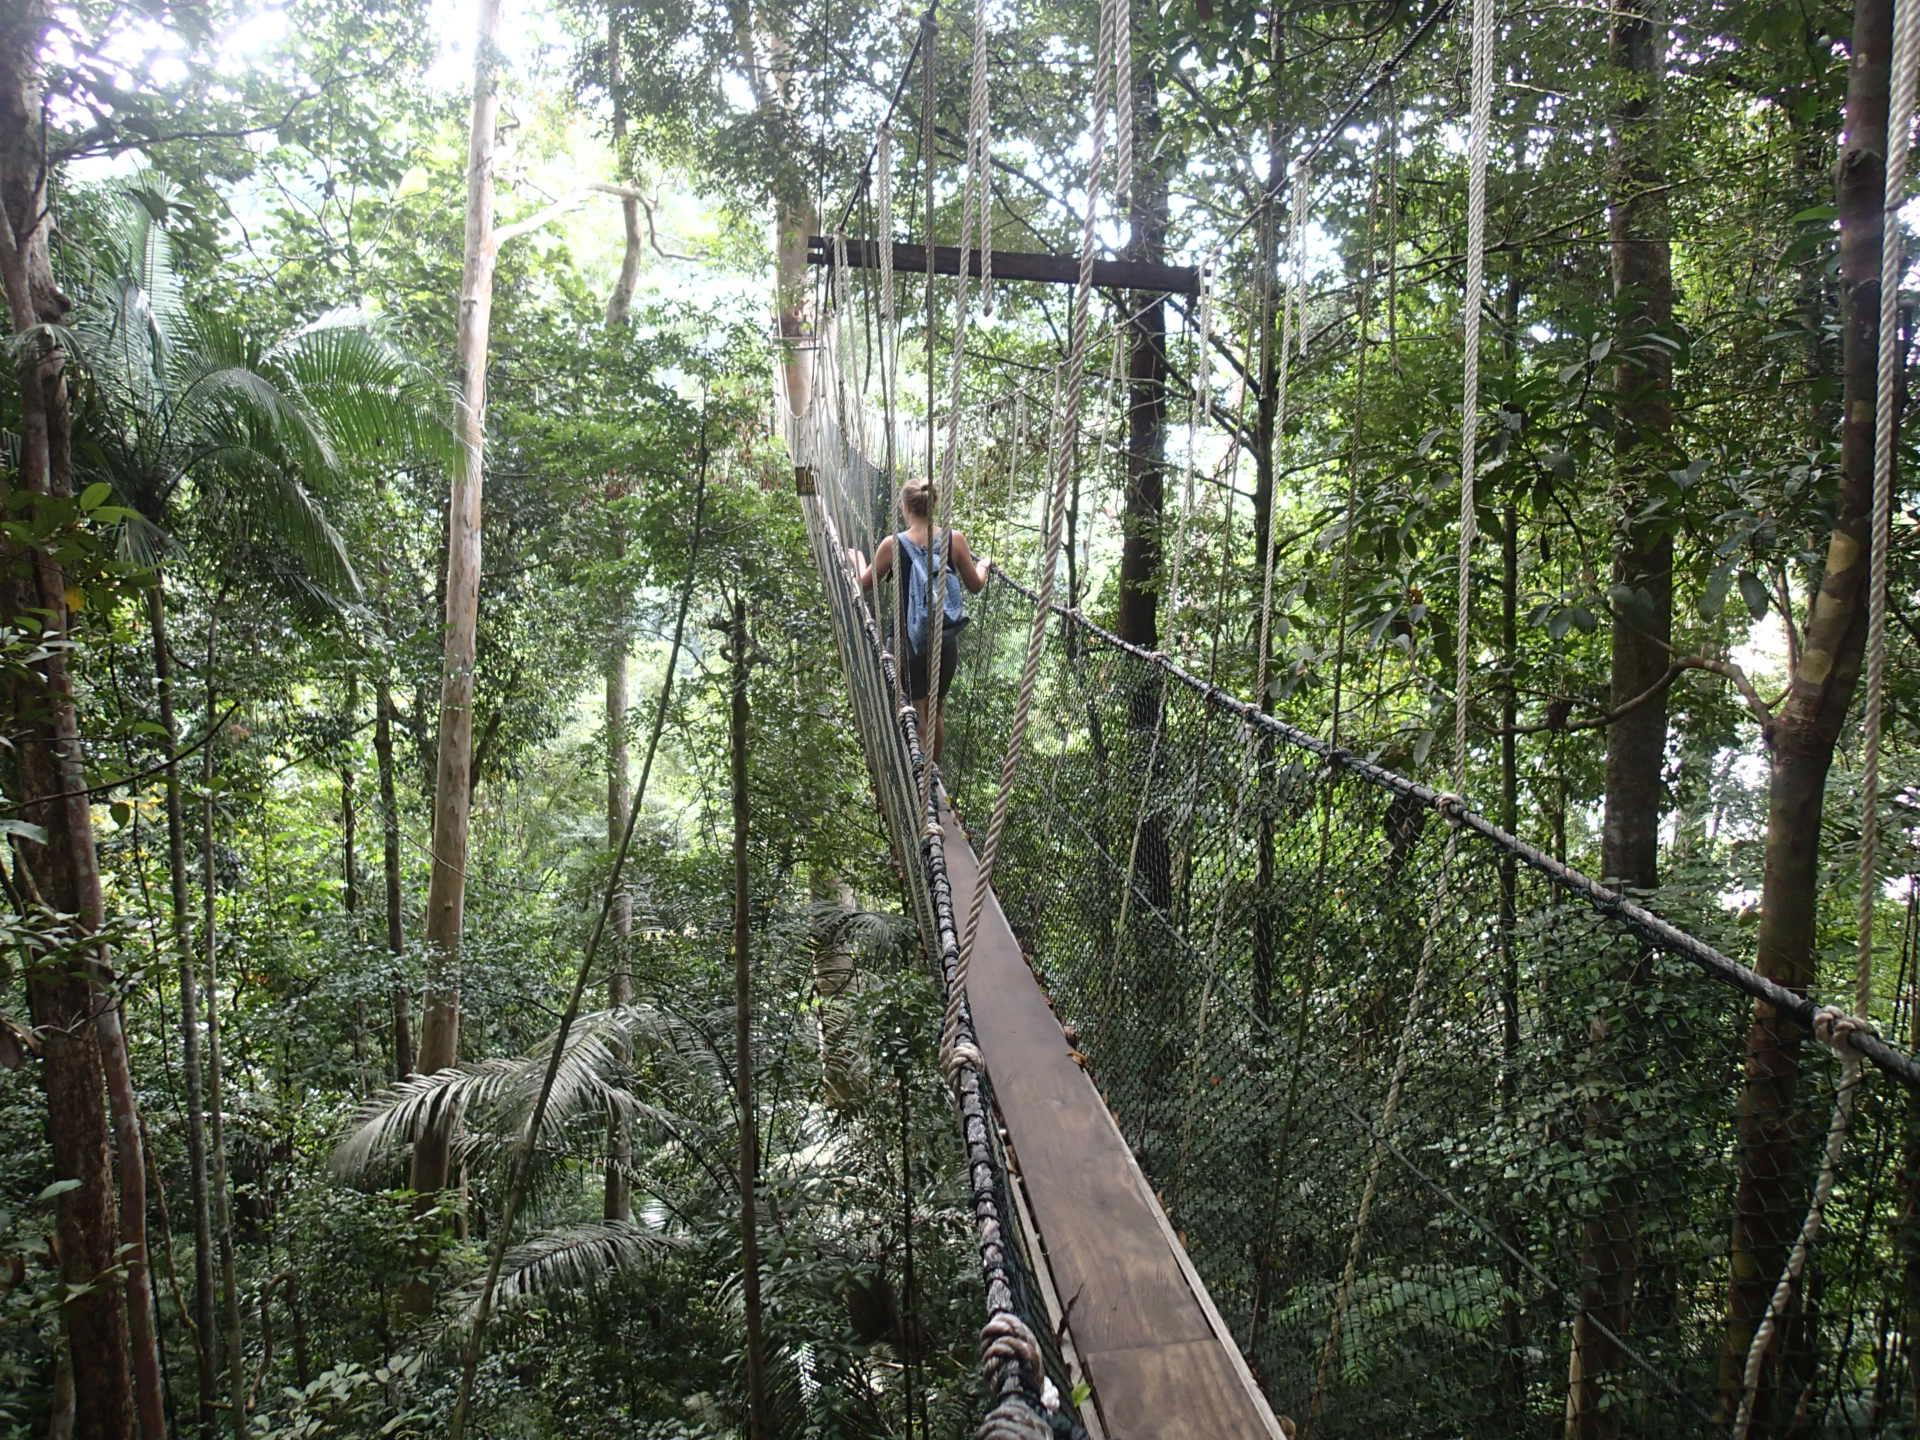 منتزه تامان نيجارا، أحد المزارات السياحية في مدينة كوالالمبور، ماليزيا